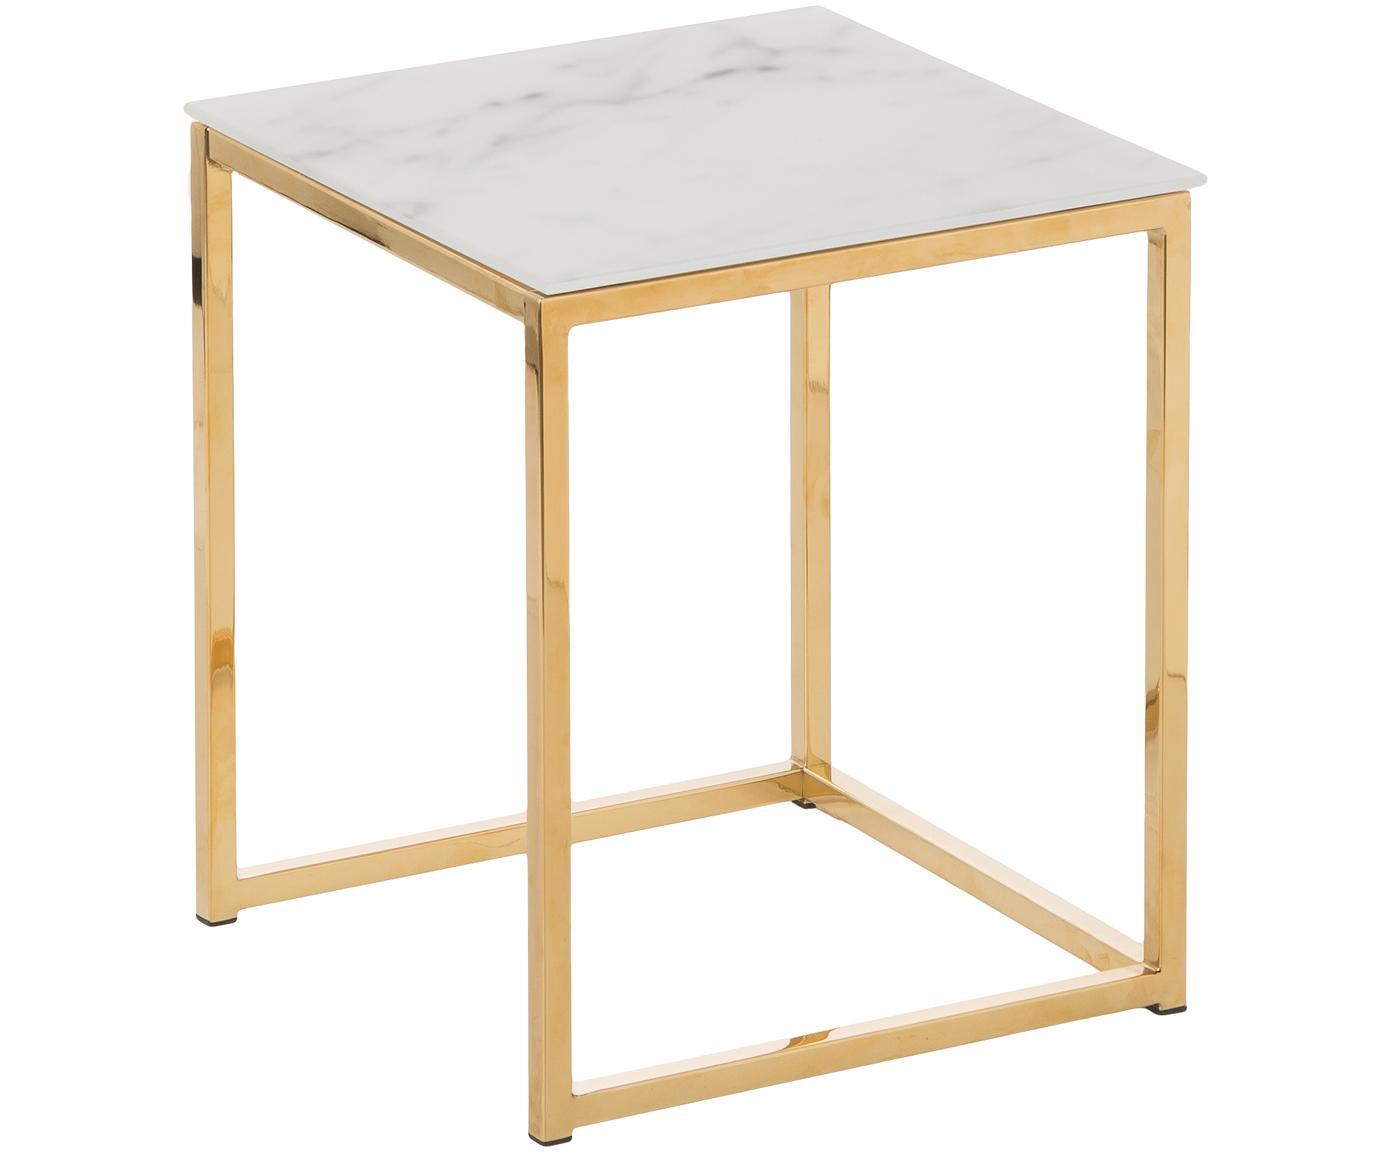 Komplet stolików pomocniczych ze szklanym blatem Antigua, 2 elem., Blat: szkło, Stelaż: metal powlekany, Blat z nadrukiem na szkle: matowy, biały, marmurowy Stelaż: odcienie złotego, Różne rozmiary